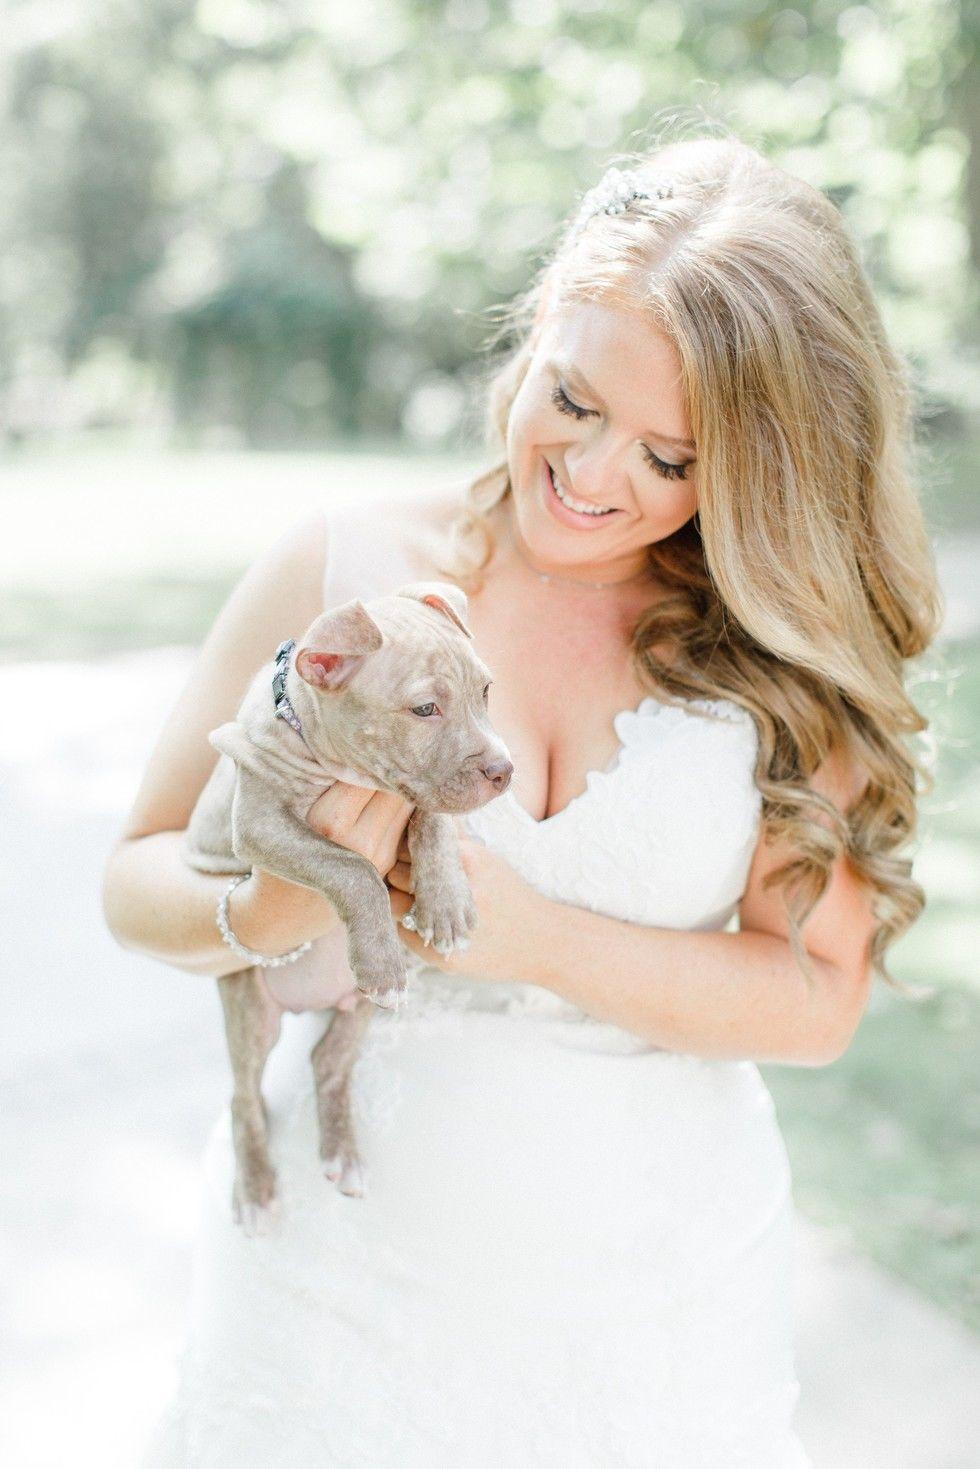 花束のかわりに、子犬を抱っこして。みんながしあわせなウエディング。